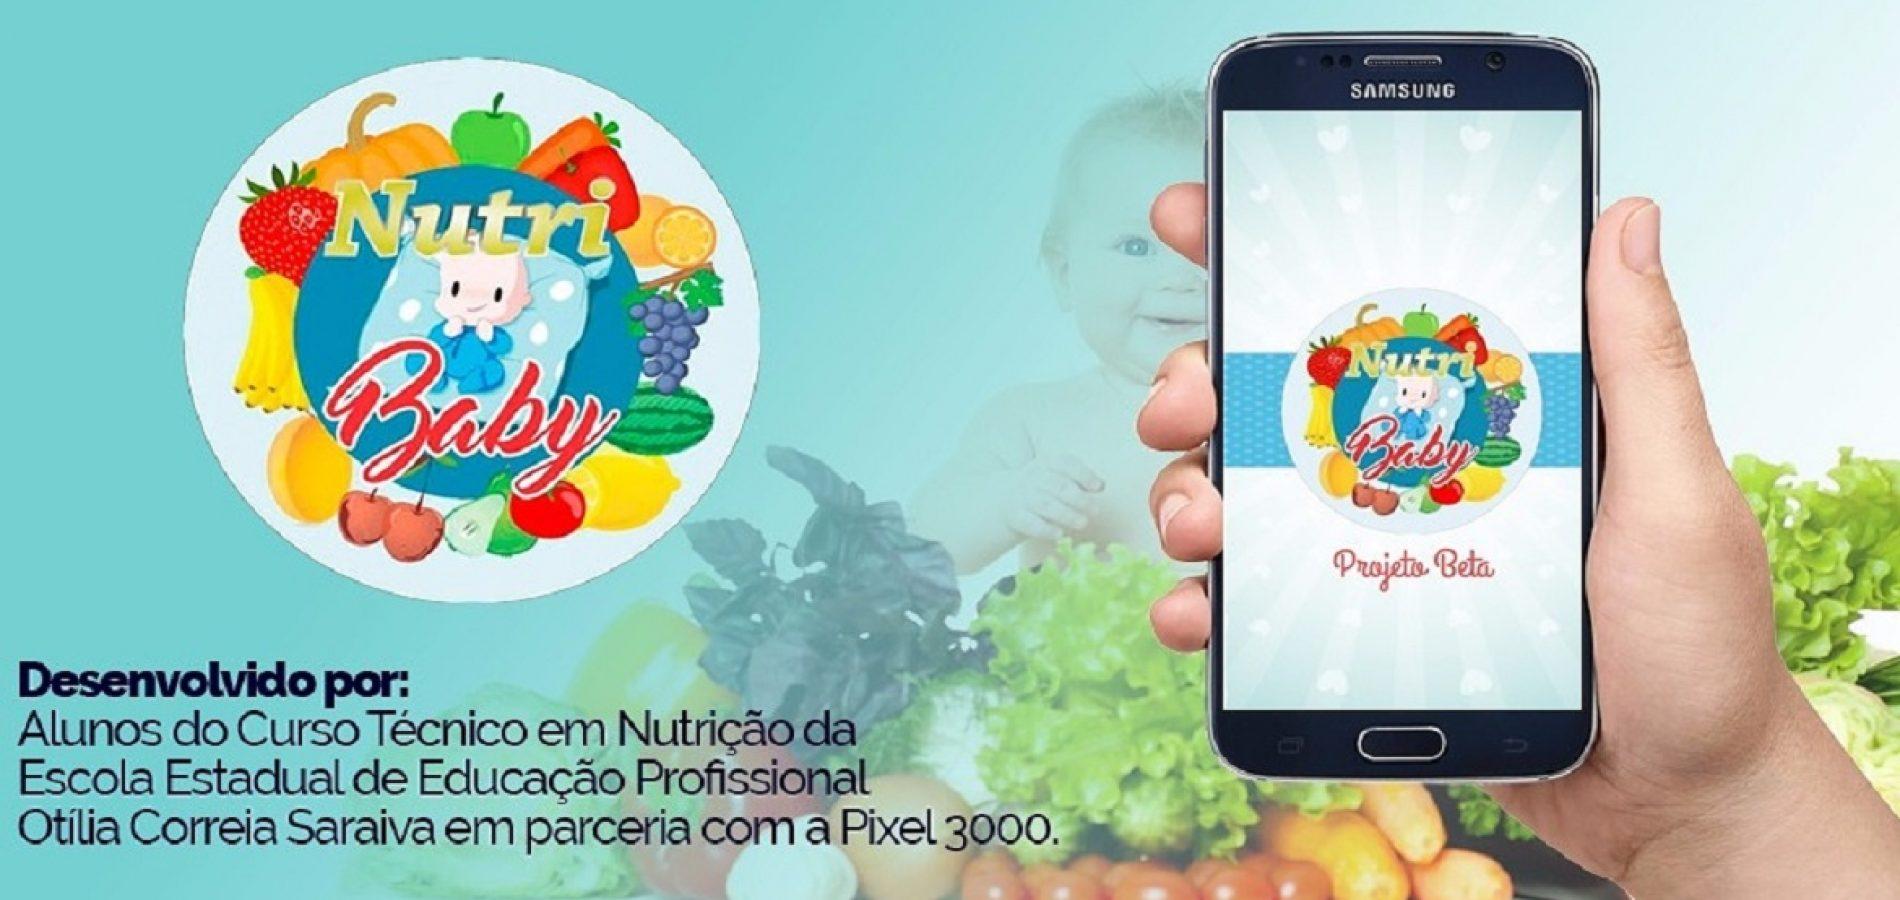 Aplicativo desenvolvido por nutricionista natural de Vila Nova do PI é destaque no Brasil e no mundo